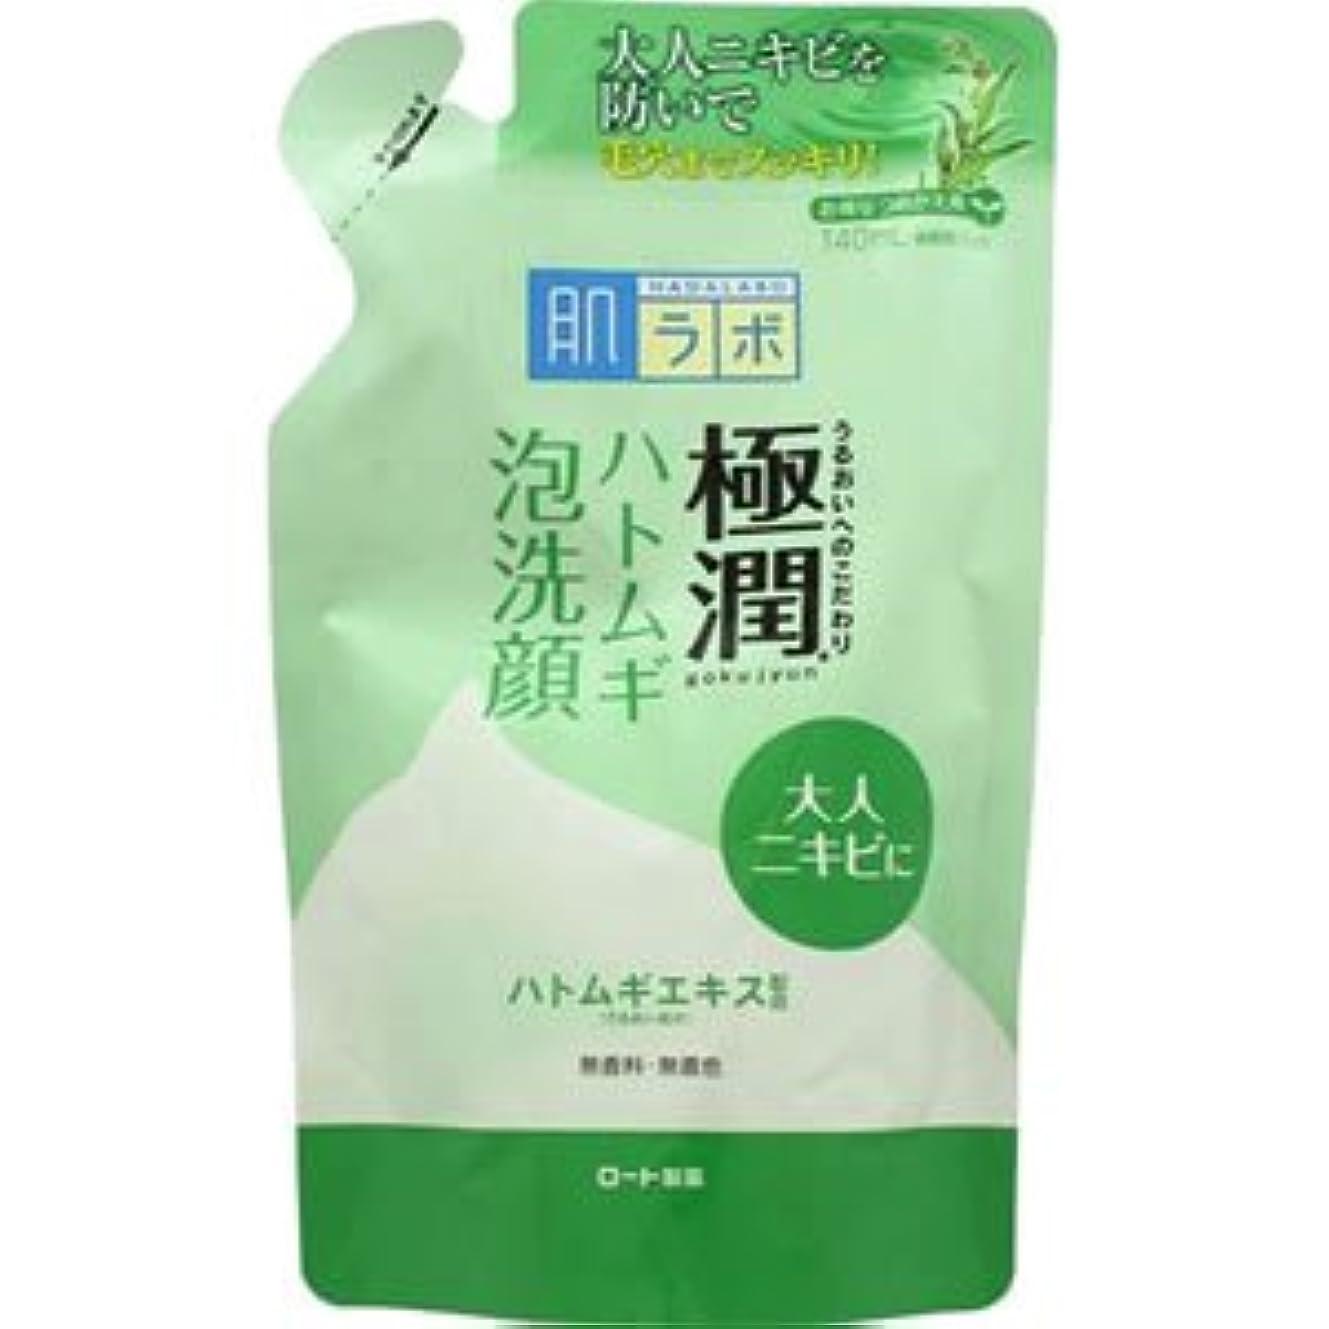 ひそかに傾いた四(ロート製薬)肌研 極潤ハトムギ泡洗顔 140ml(つめかえ用)(お買い得3個セット)